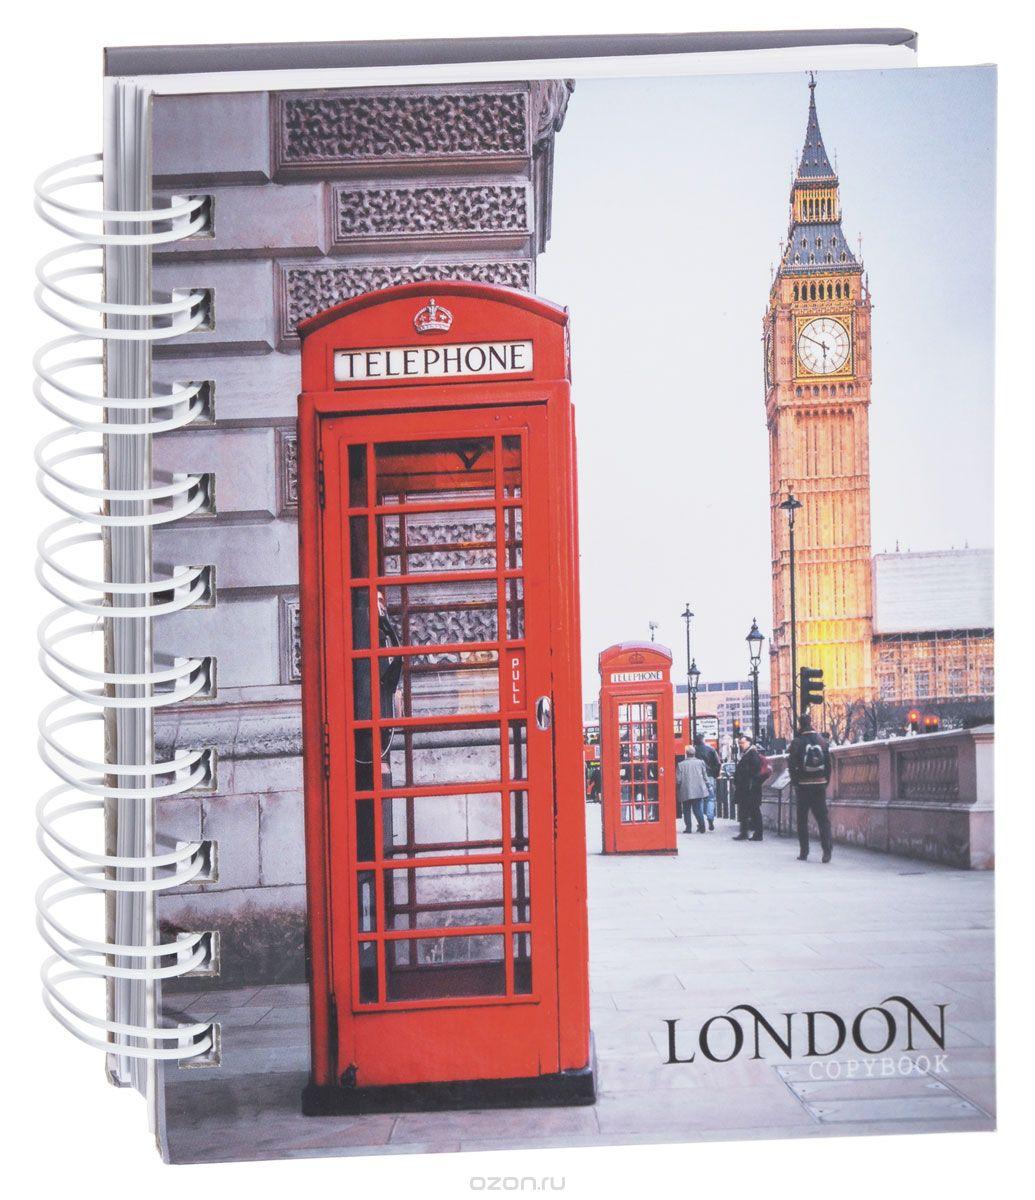 Listoff Тетрадь Лондонский пейзаж 180 листов в клетку72523WDТетрадь Listoff Лондонский пейзаж подойдет как школьнику, так и студенту. Обложка тетради выполнена из прочного картона и оформлена изображением улицы Лондона с видом на Биг-Бен.Внутренний блок тетради на гребне состоит из 180 листов белой бумаги с линовкой в клетку.